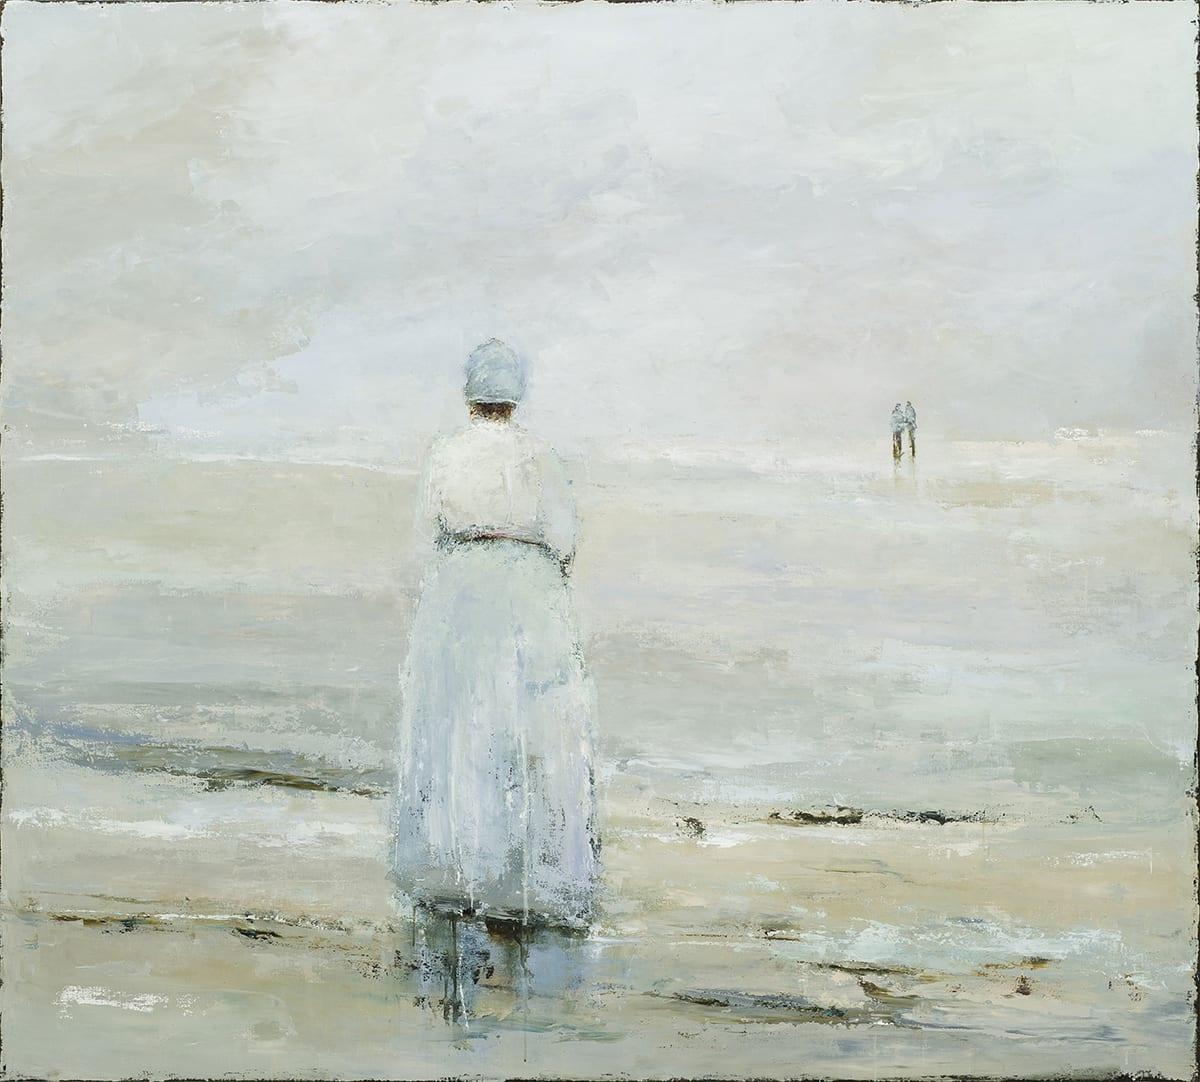 France Jodoin - Across the Sand Shadows Come and Go